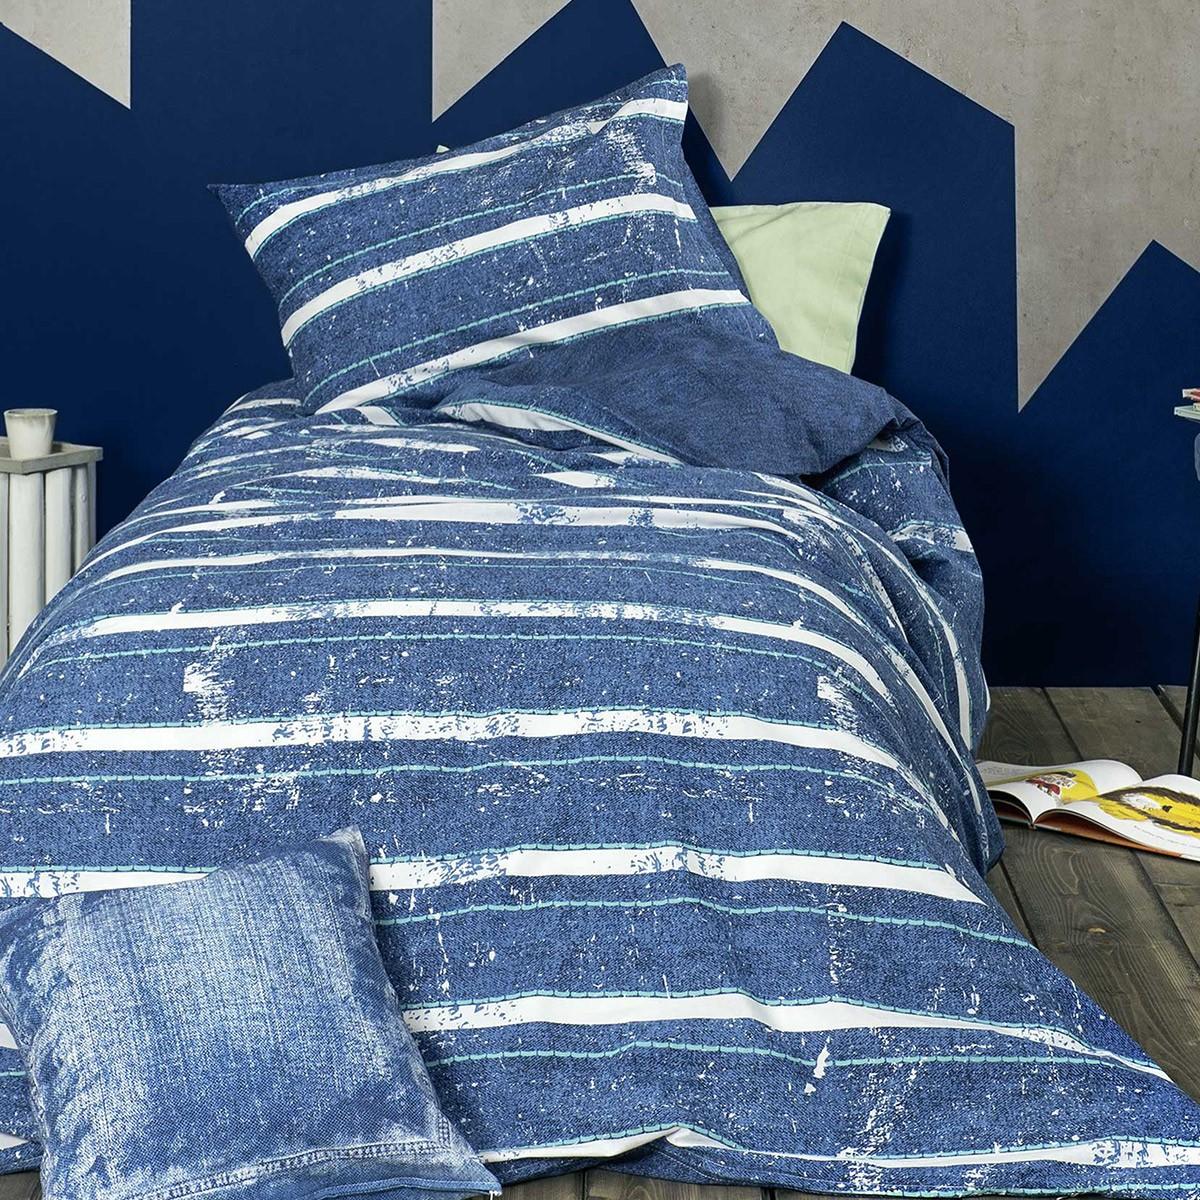 Σεντόνια Μονά (Σετ) Nima Kids Teens Jeans Blue ΧΩΡΙΣ ΛΑΣΤΙΧΟ ΧΩΡΙΣ ΛΑΣΤΙΧΟ